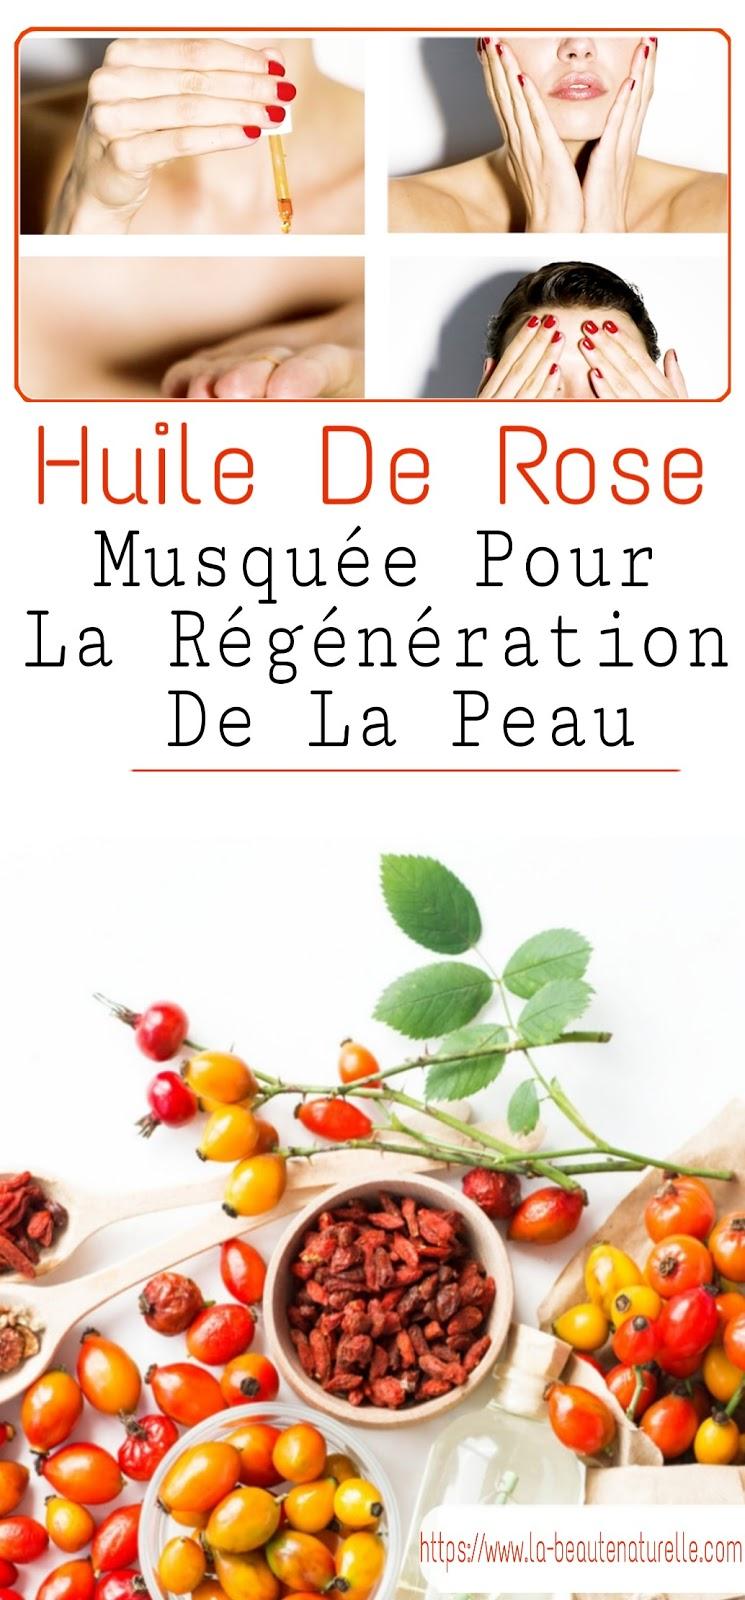 Huile De Rose Musquée Pour La Régénération De La Peau